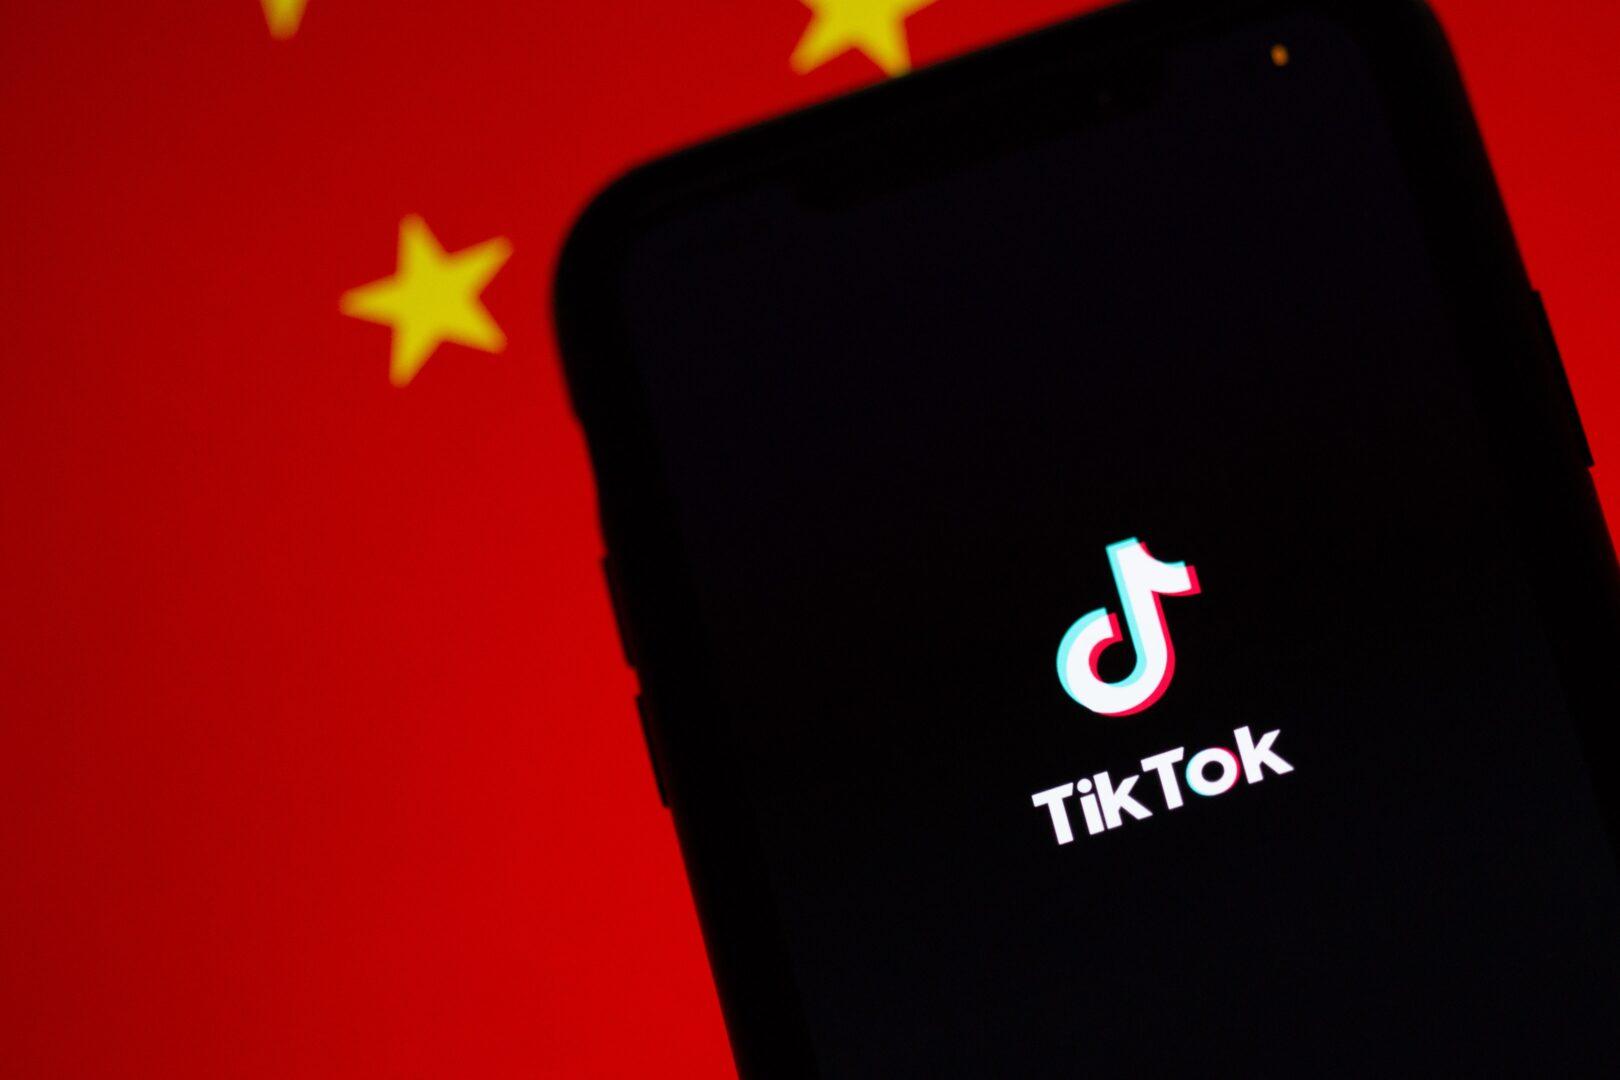 Ameriški predsednik Donald Trump je dogovor, ki bi kitajski aplikaciji za izmenjavo videov TikTok omogočil nadaljnje delovanje v ZDA, podprl.